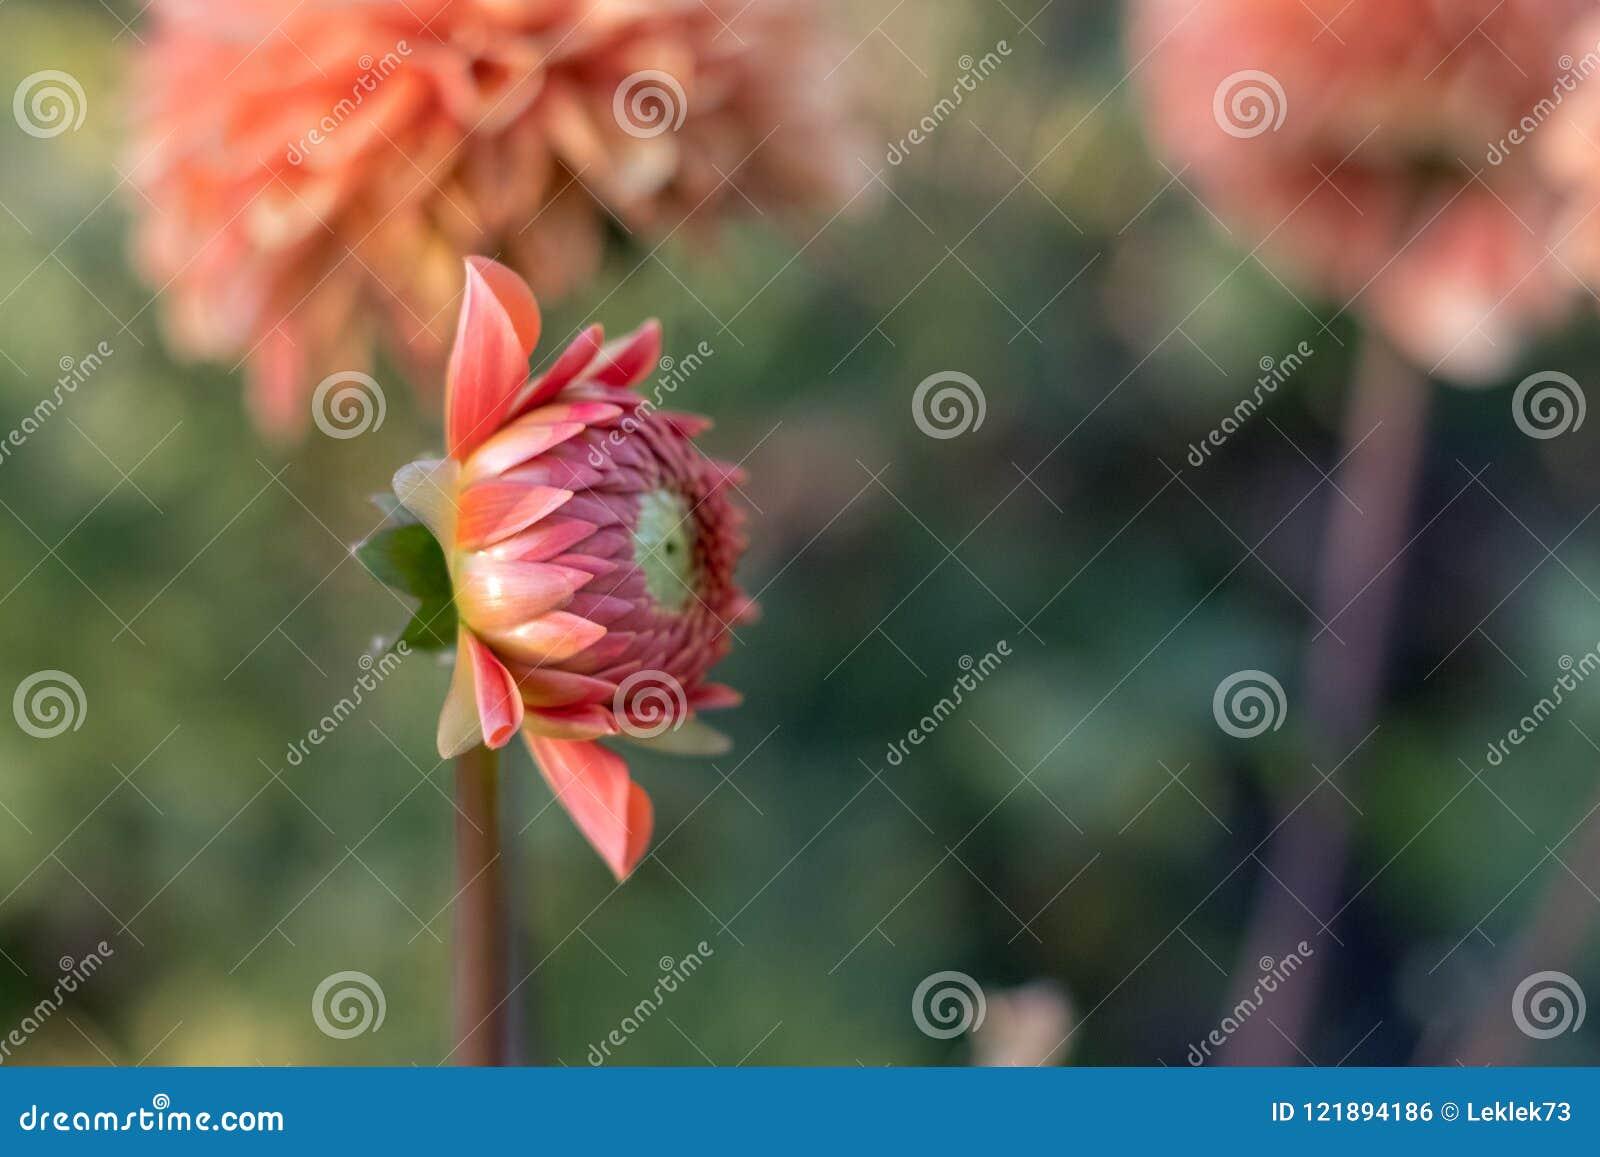 Dahliabloem hoofd aanvang open te stellen, gefotografeerd van de kant in natuurlijk daglicht